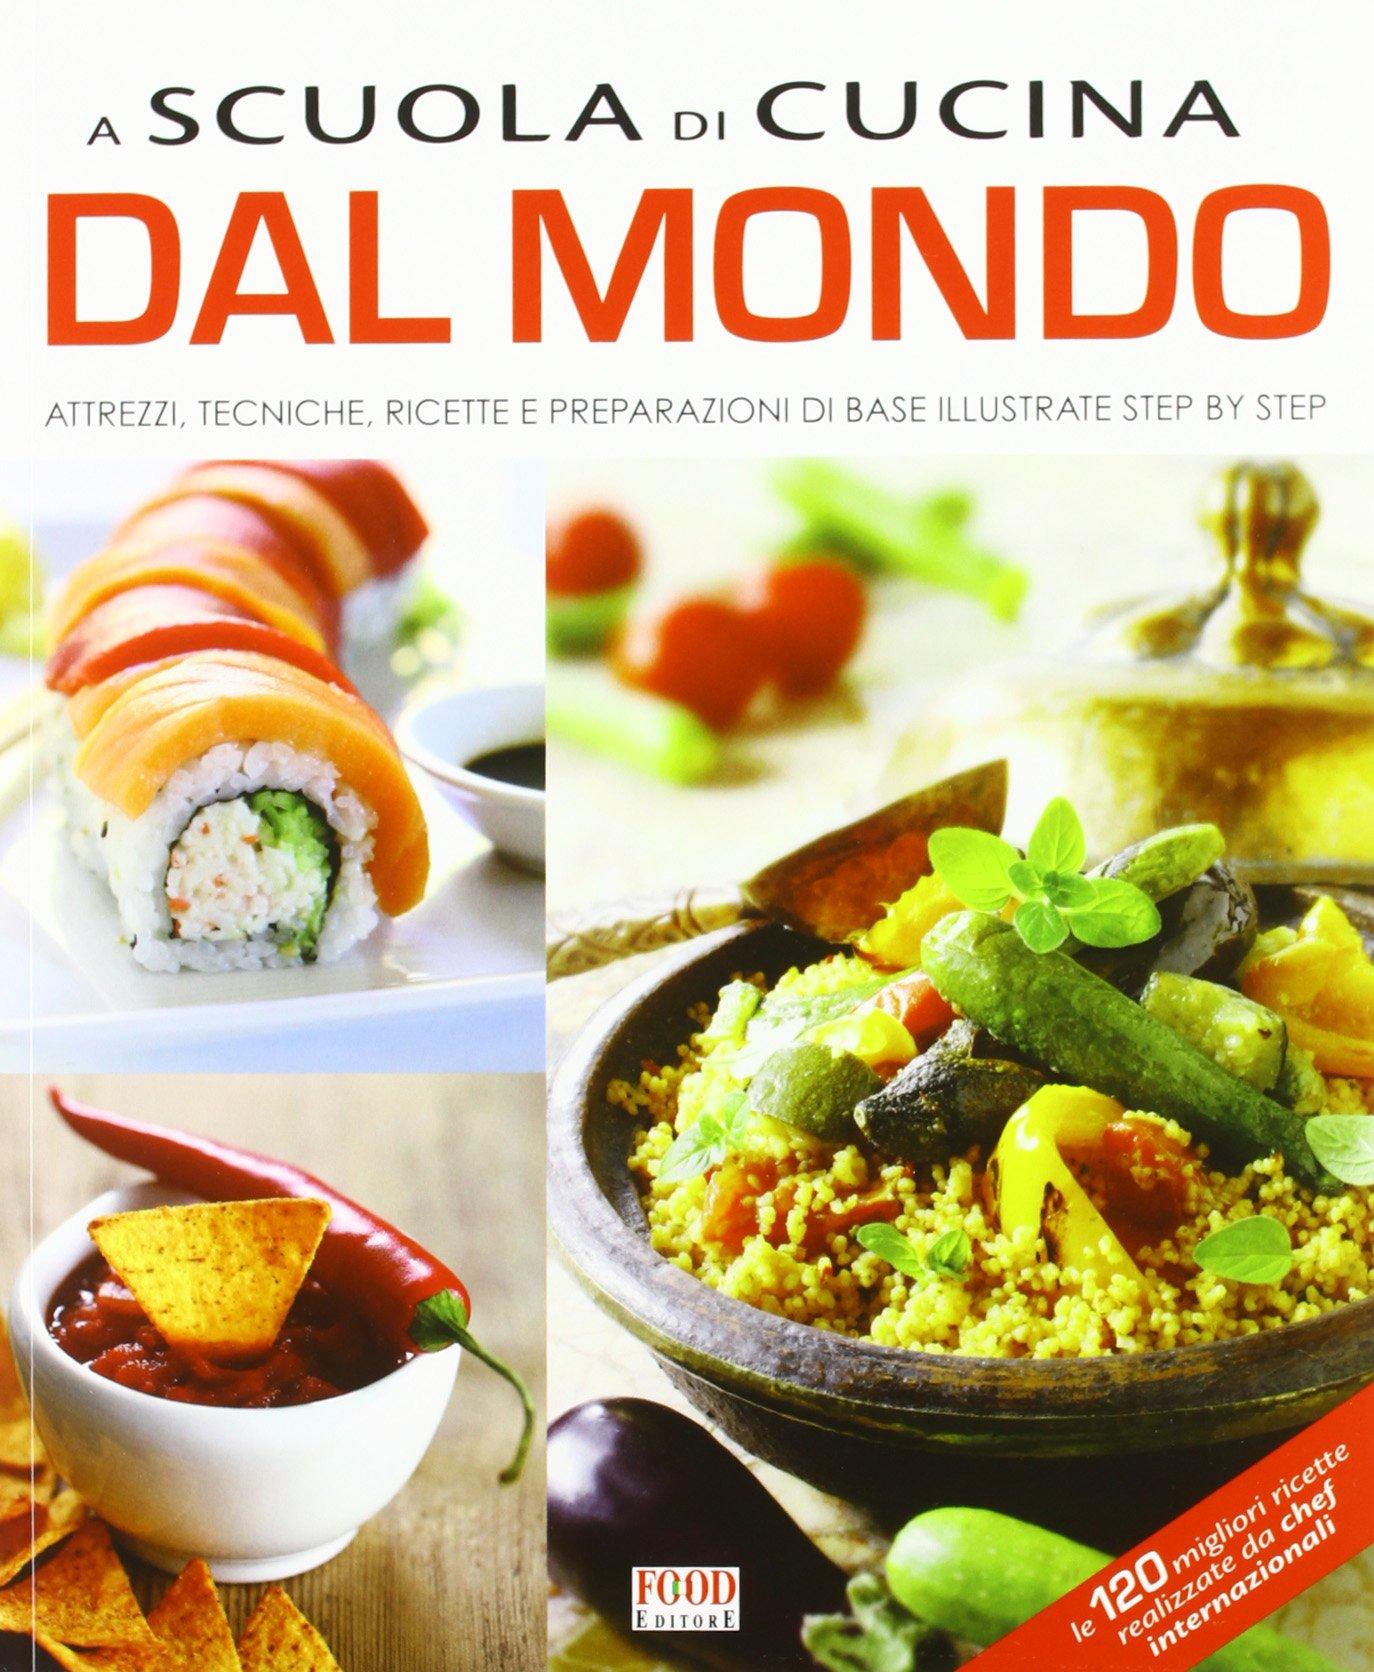 A scuola di cucina dal mondo: 9788861542884: Amazon.com: Books